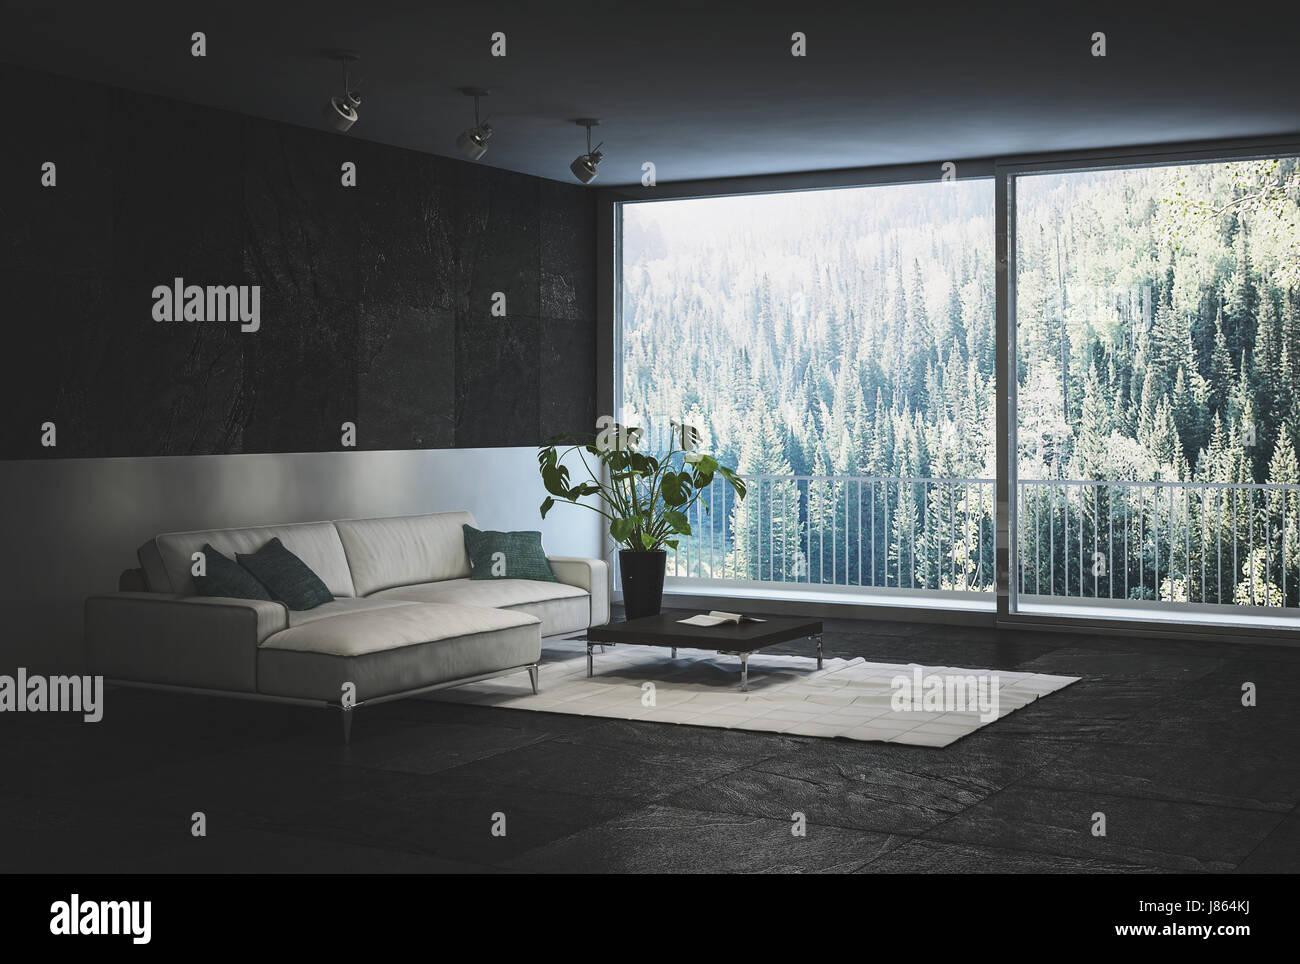 Plante D Intérieur Tendance designer d'intérieur salon noir très tendance avec des murs